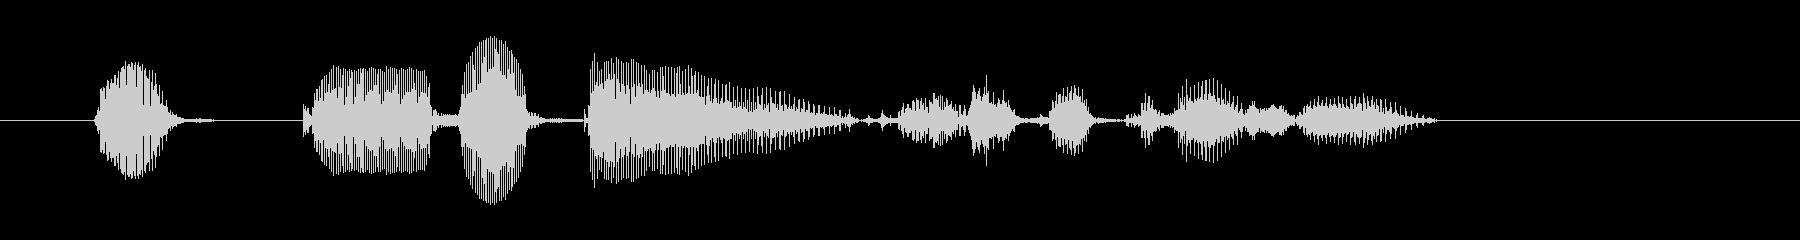 OKボタンを押してください_2の未再生の波形